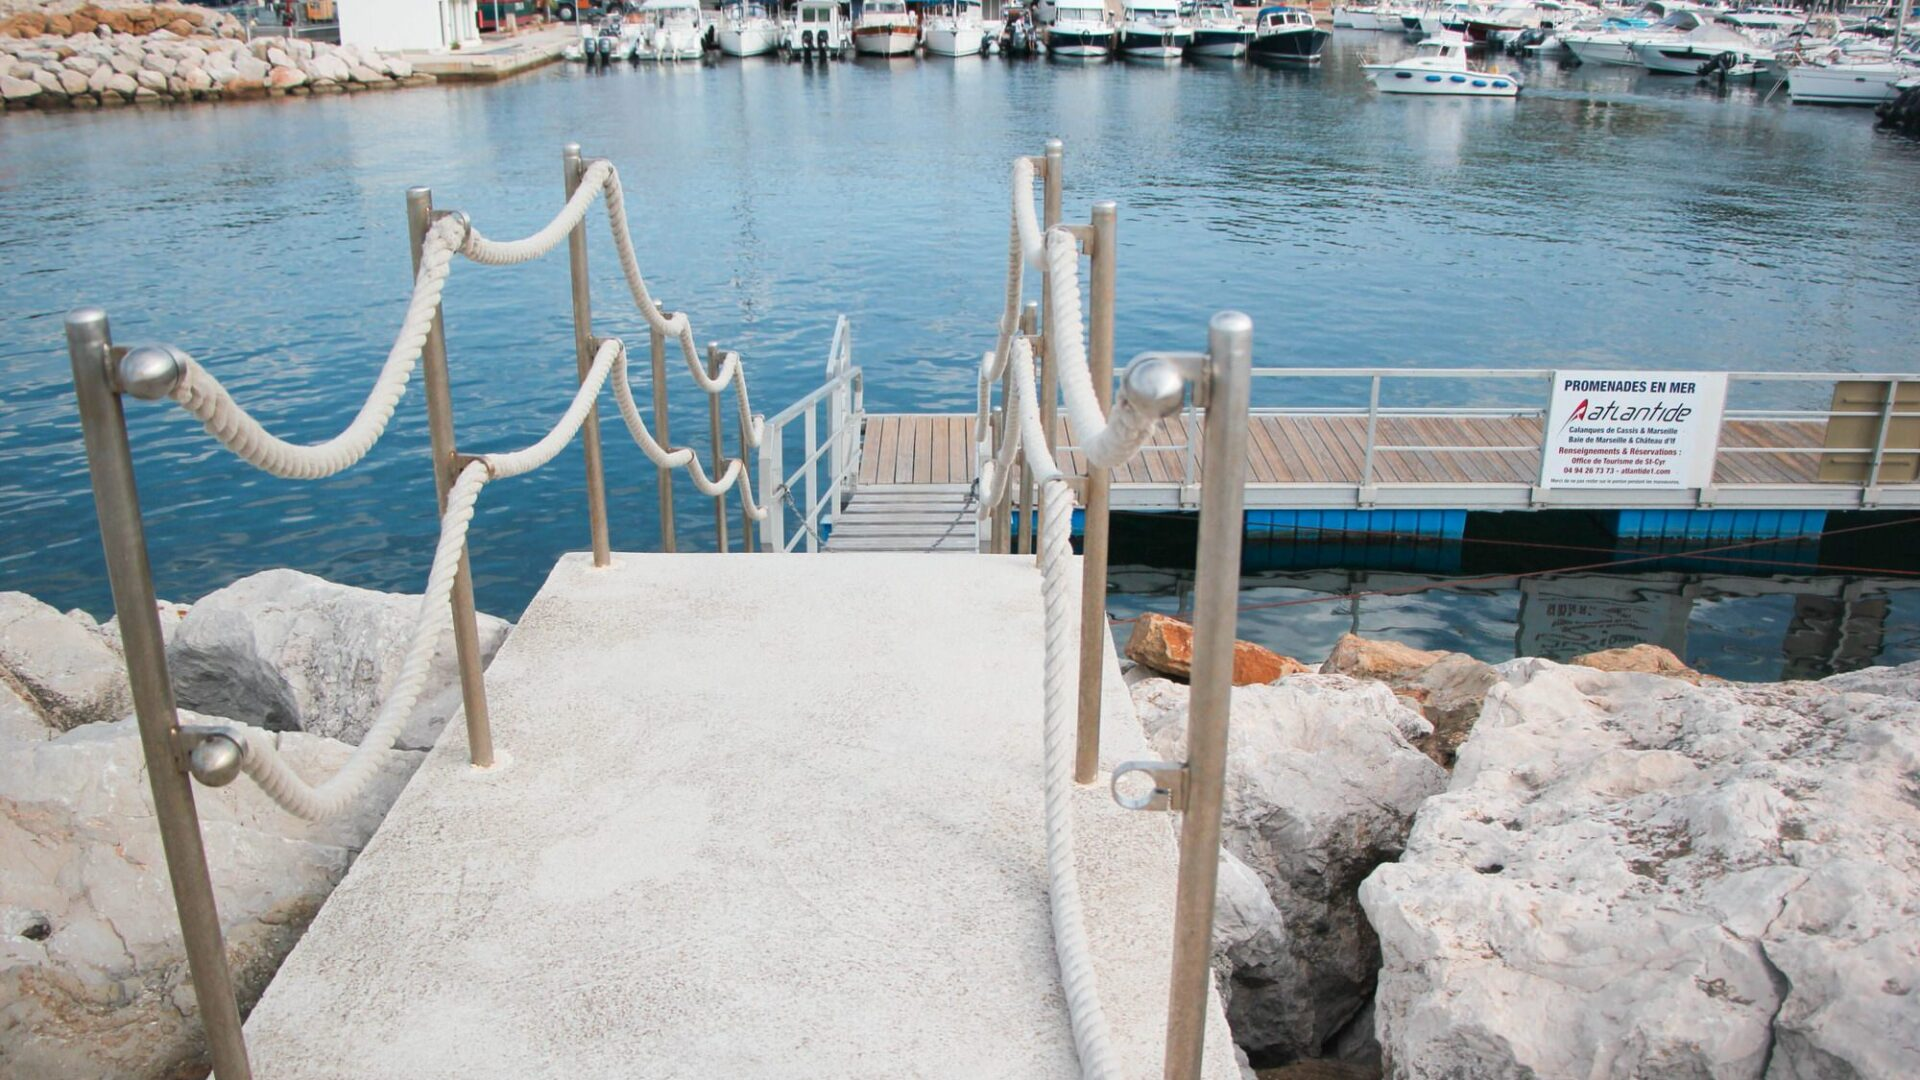 Ponton pour embarquer sur l'Atlantide au port de Saint-Cyr-sur-Mer